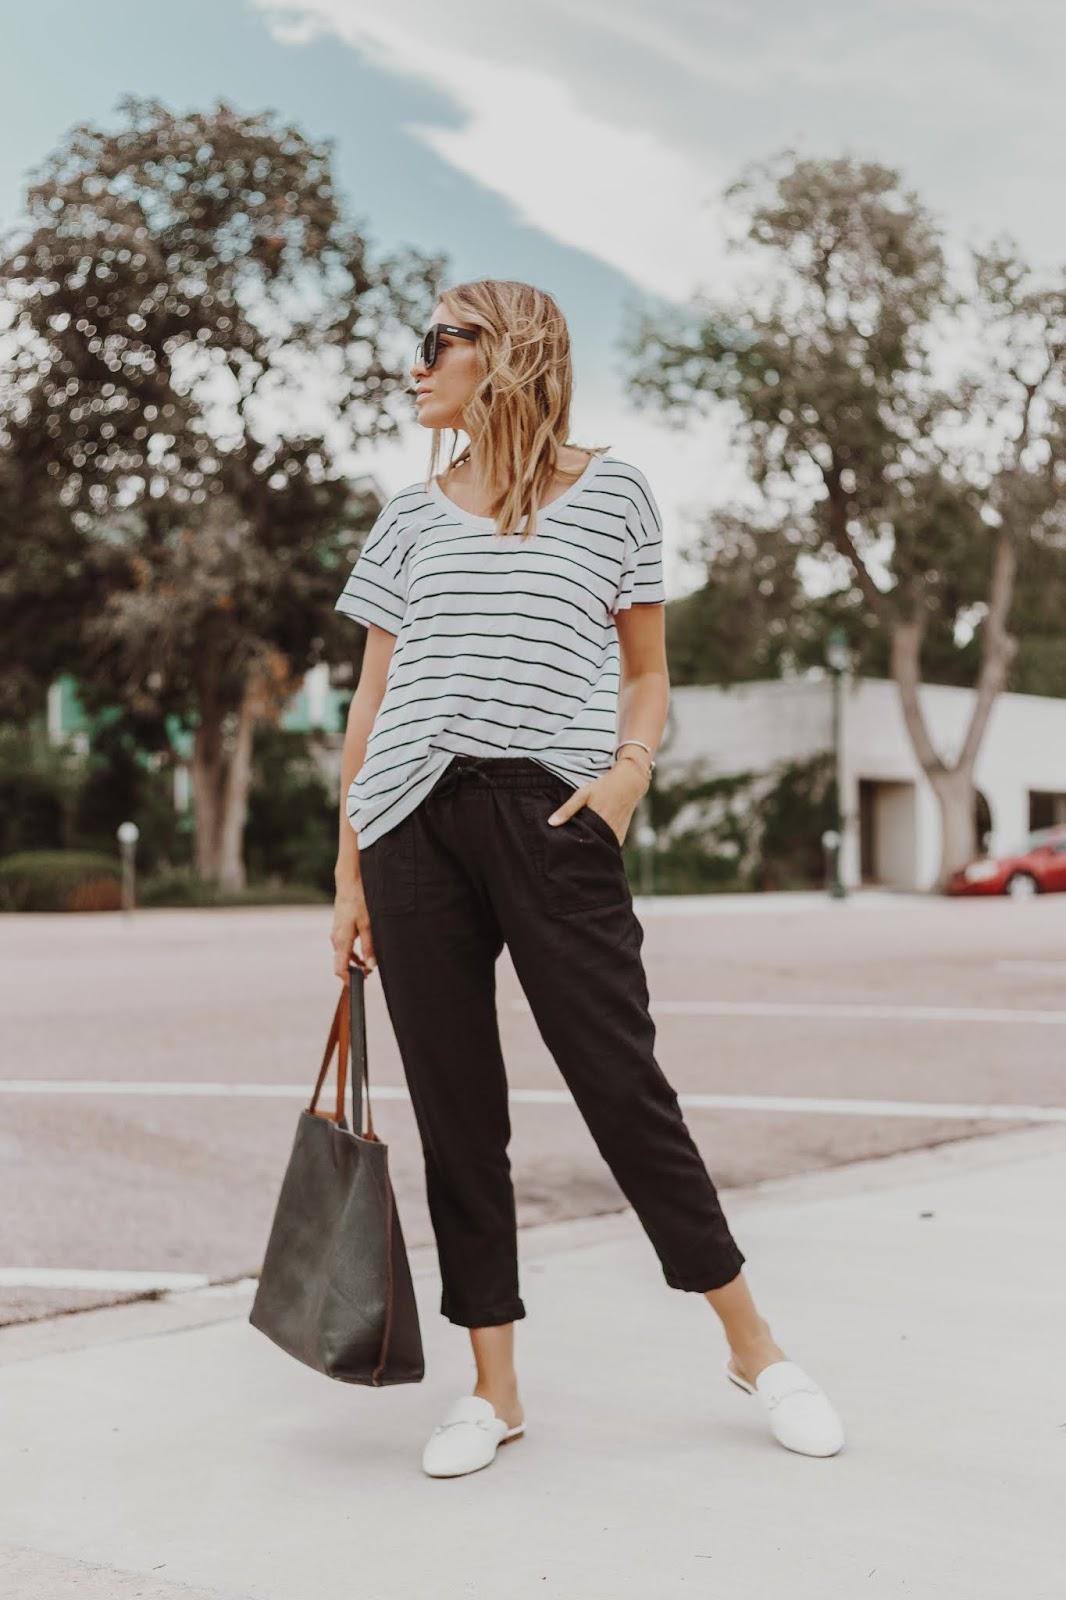 Popular Colorado fashion blogger, Leah Behr